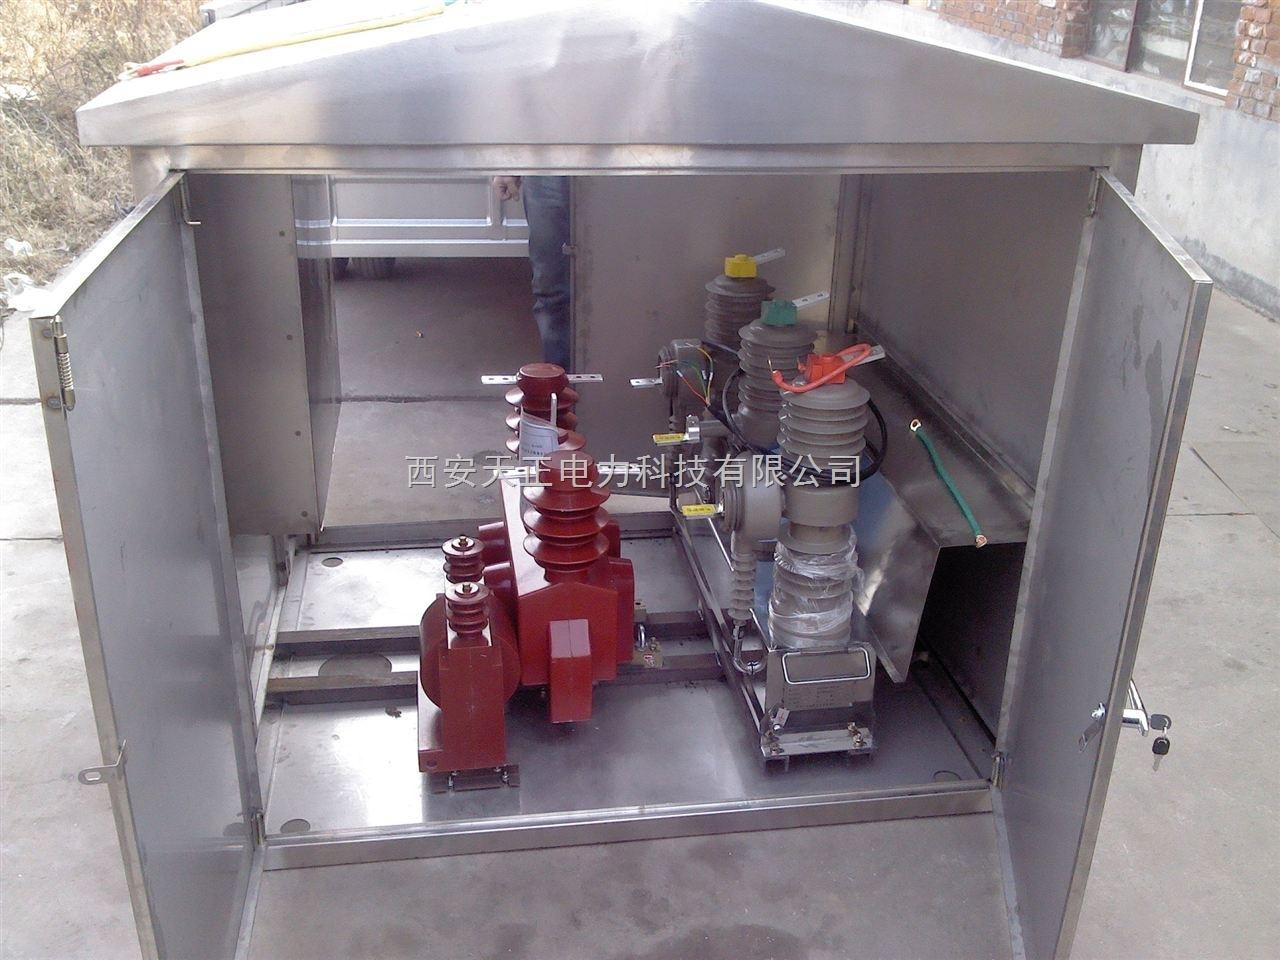 10kv落地式计量装置预付费型高压真空断路器